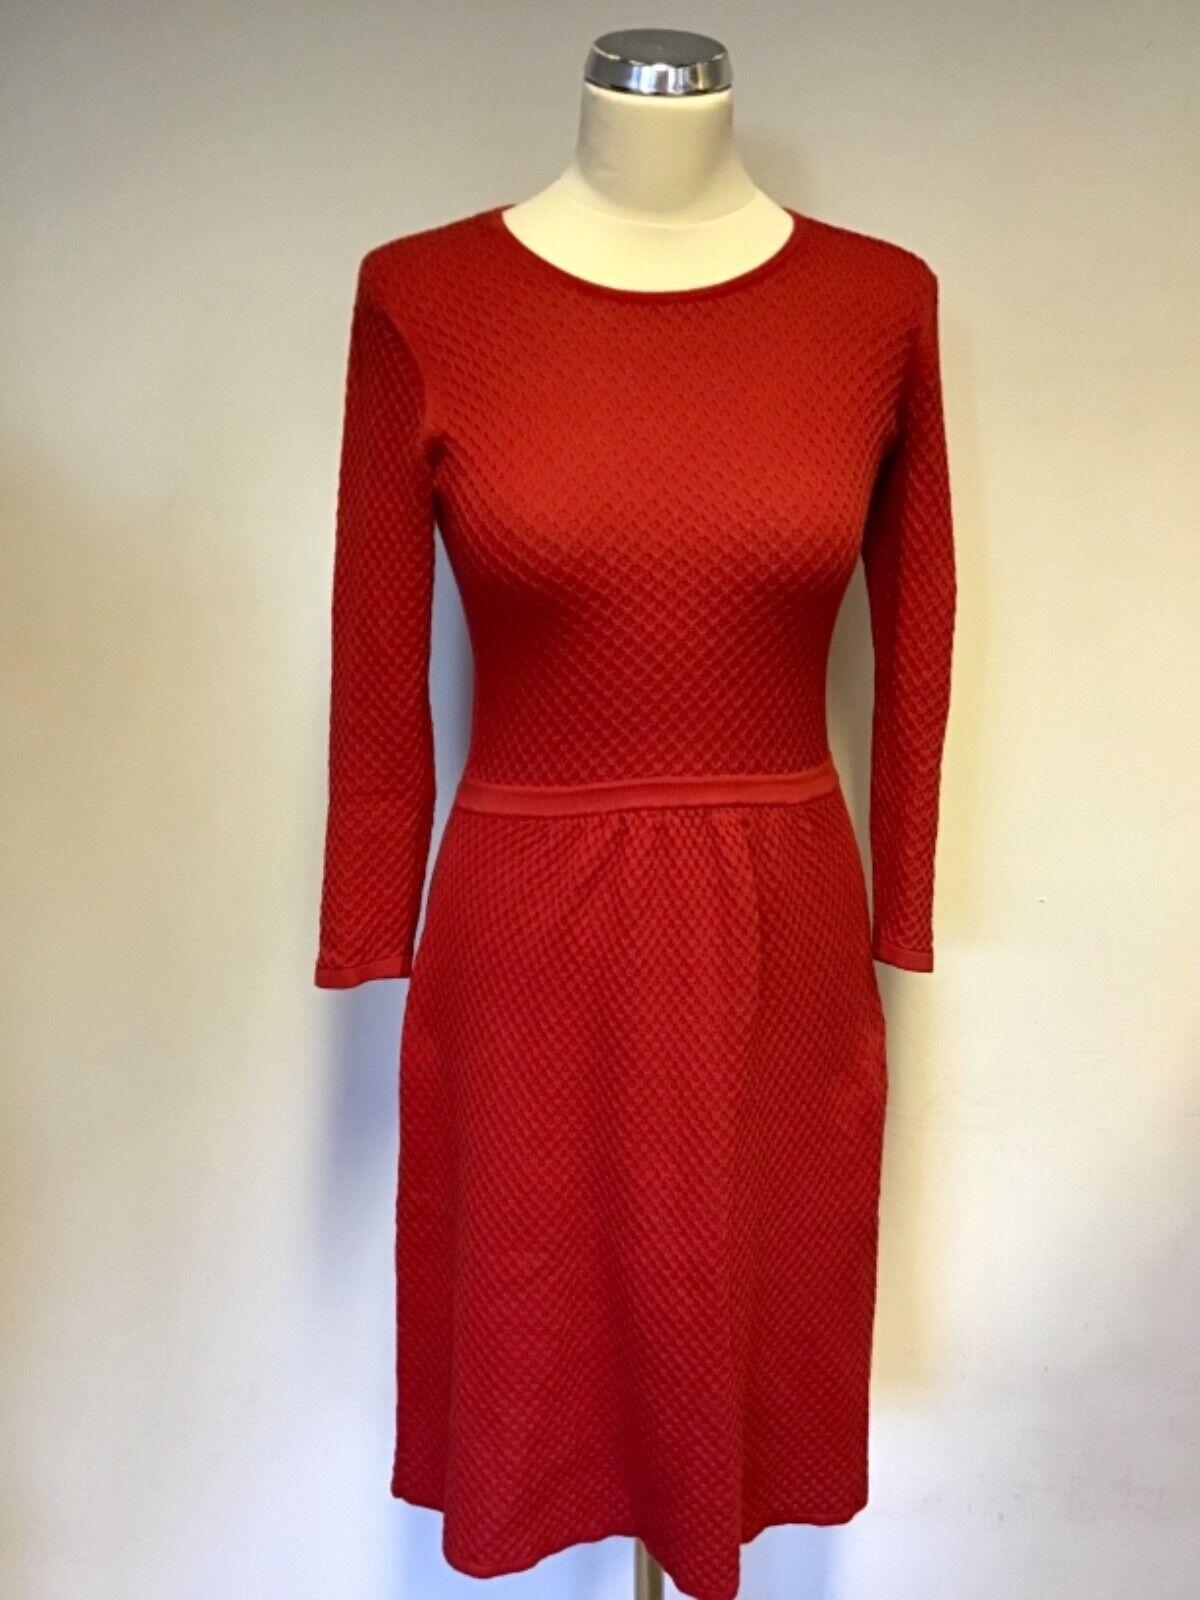 HOBBS Rosso Cotone Fine Knit 3 4 4 4 Sleeve Abito Taglia 6 17b50b